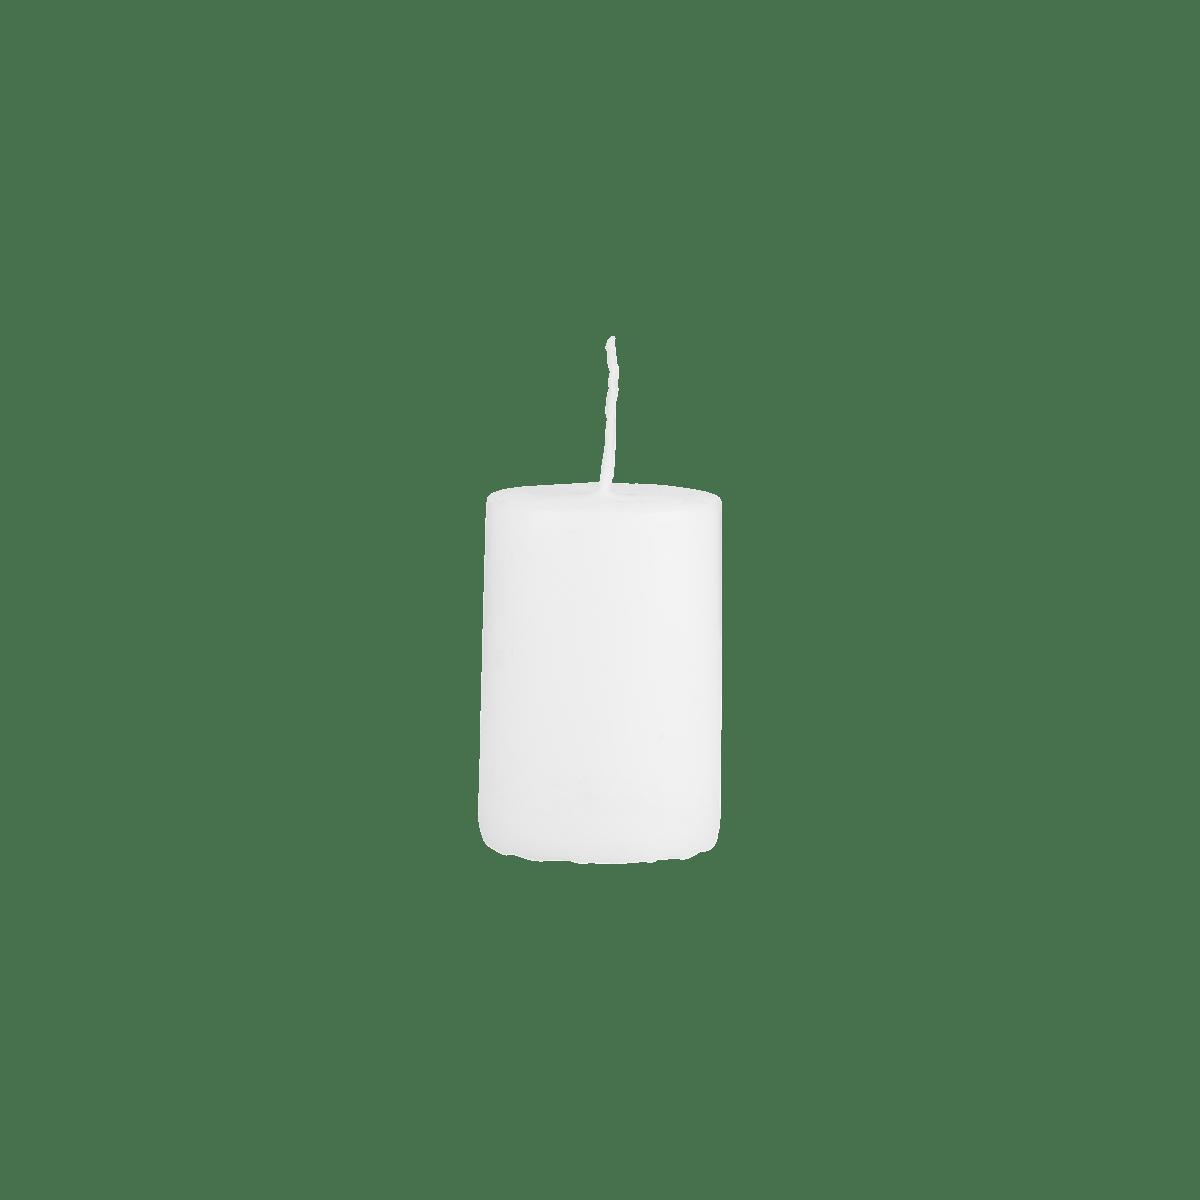 Bílá svíčka 4x6 cm - set 6 kusů